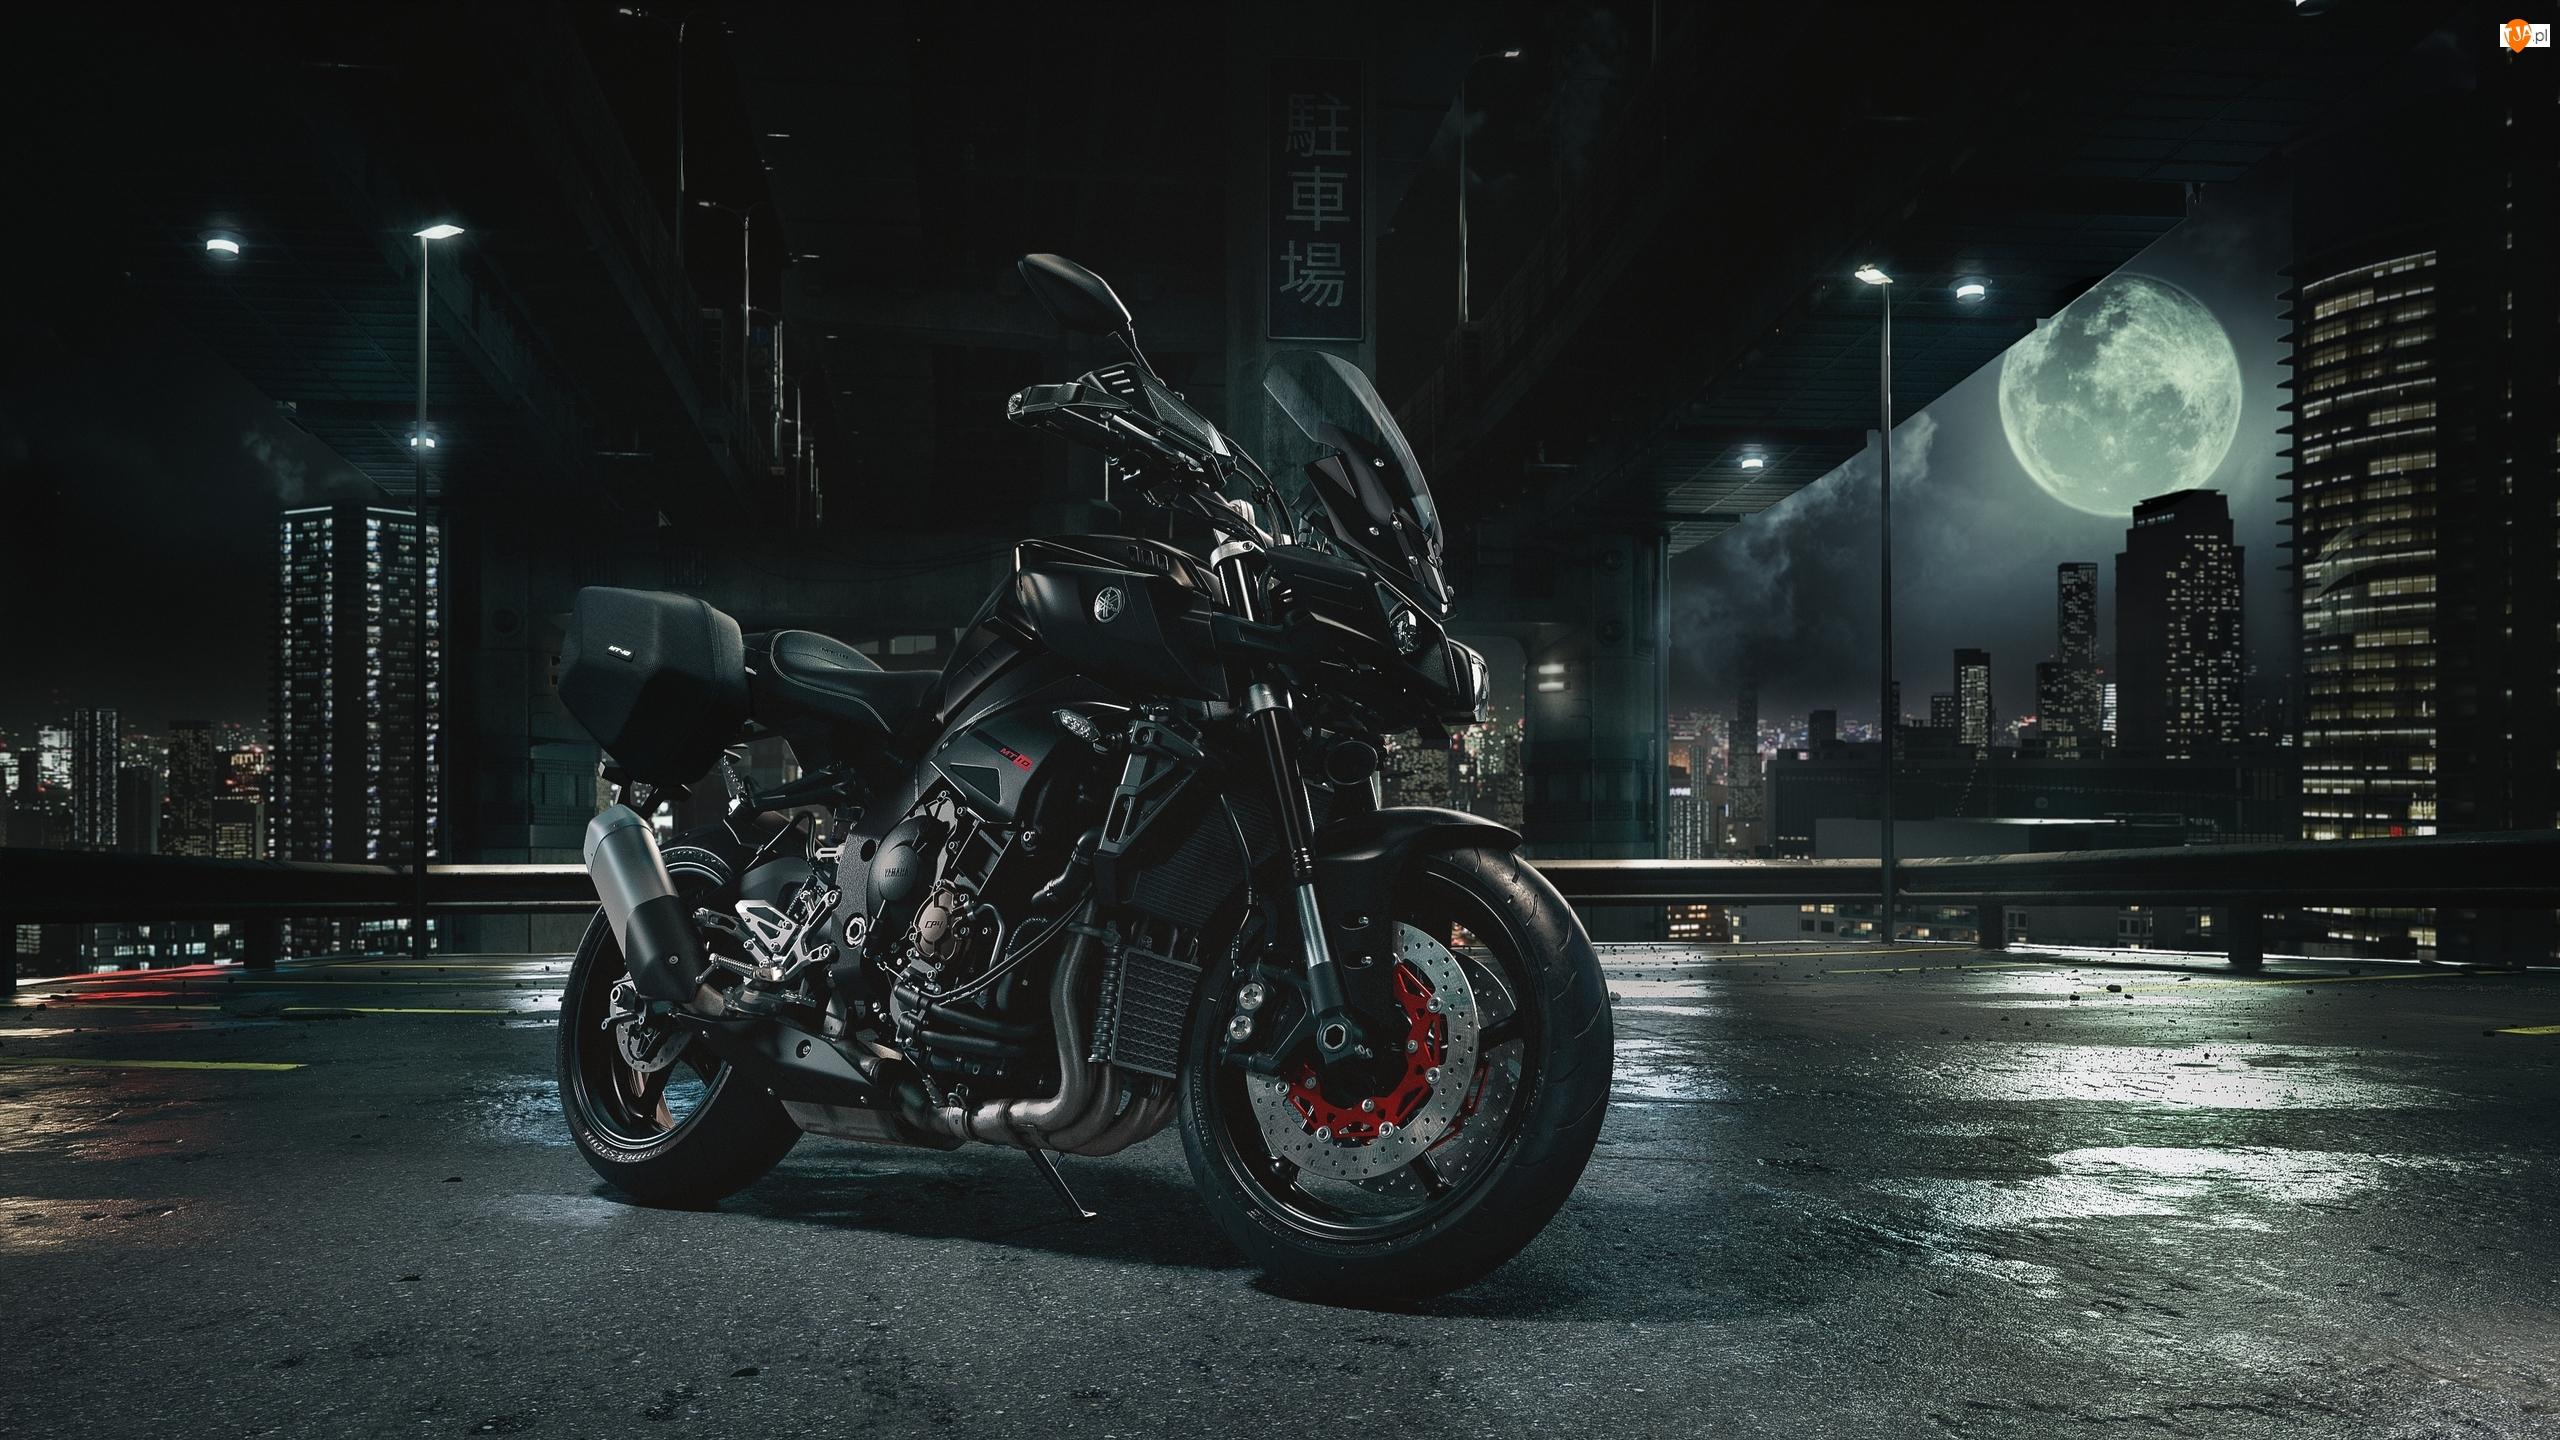 2017, Motocykl, Yamaha MT-10 Tourer Edition